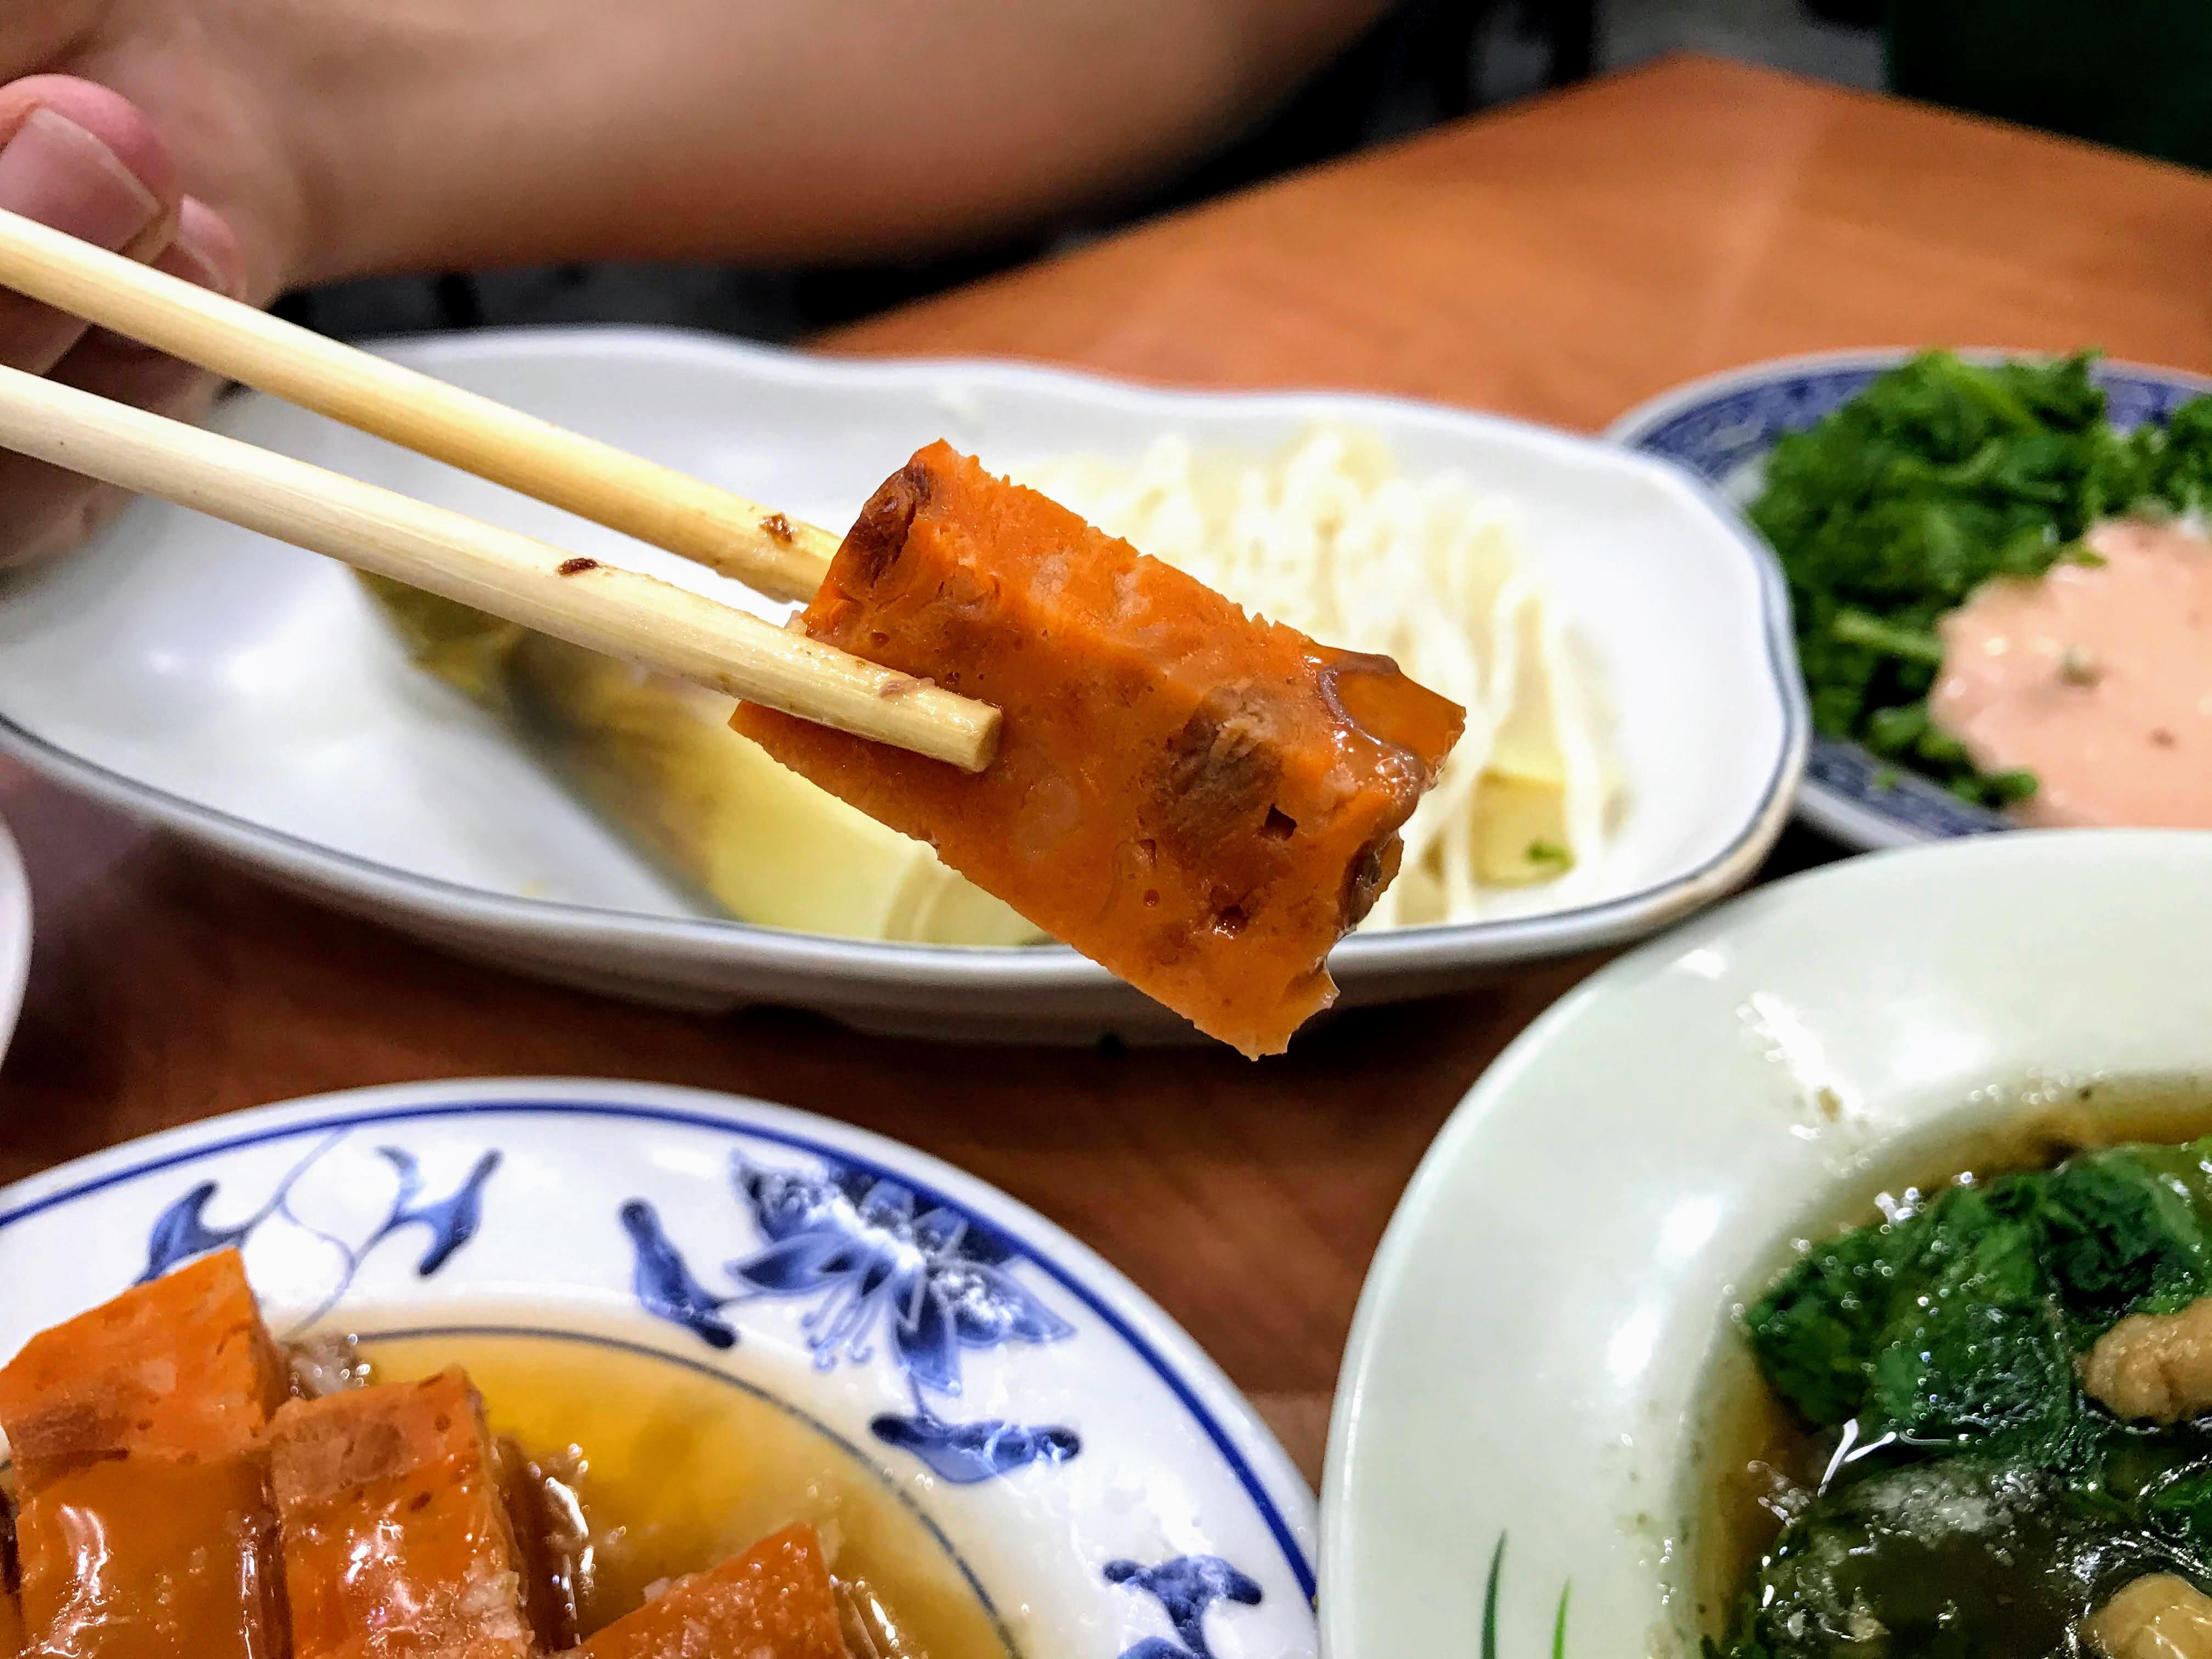 【嘉義 東區】民主火雞肉飯 特色油蔥醬汁雞肉飯與特別的橘紅蟳粿 百元有找的在地飄香好滋味